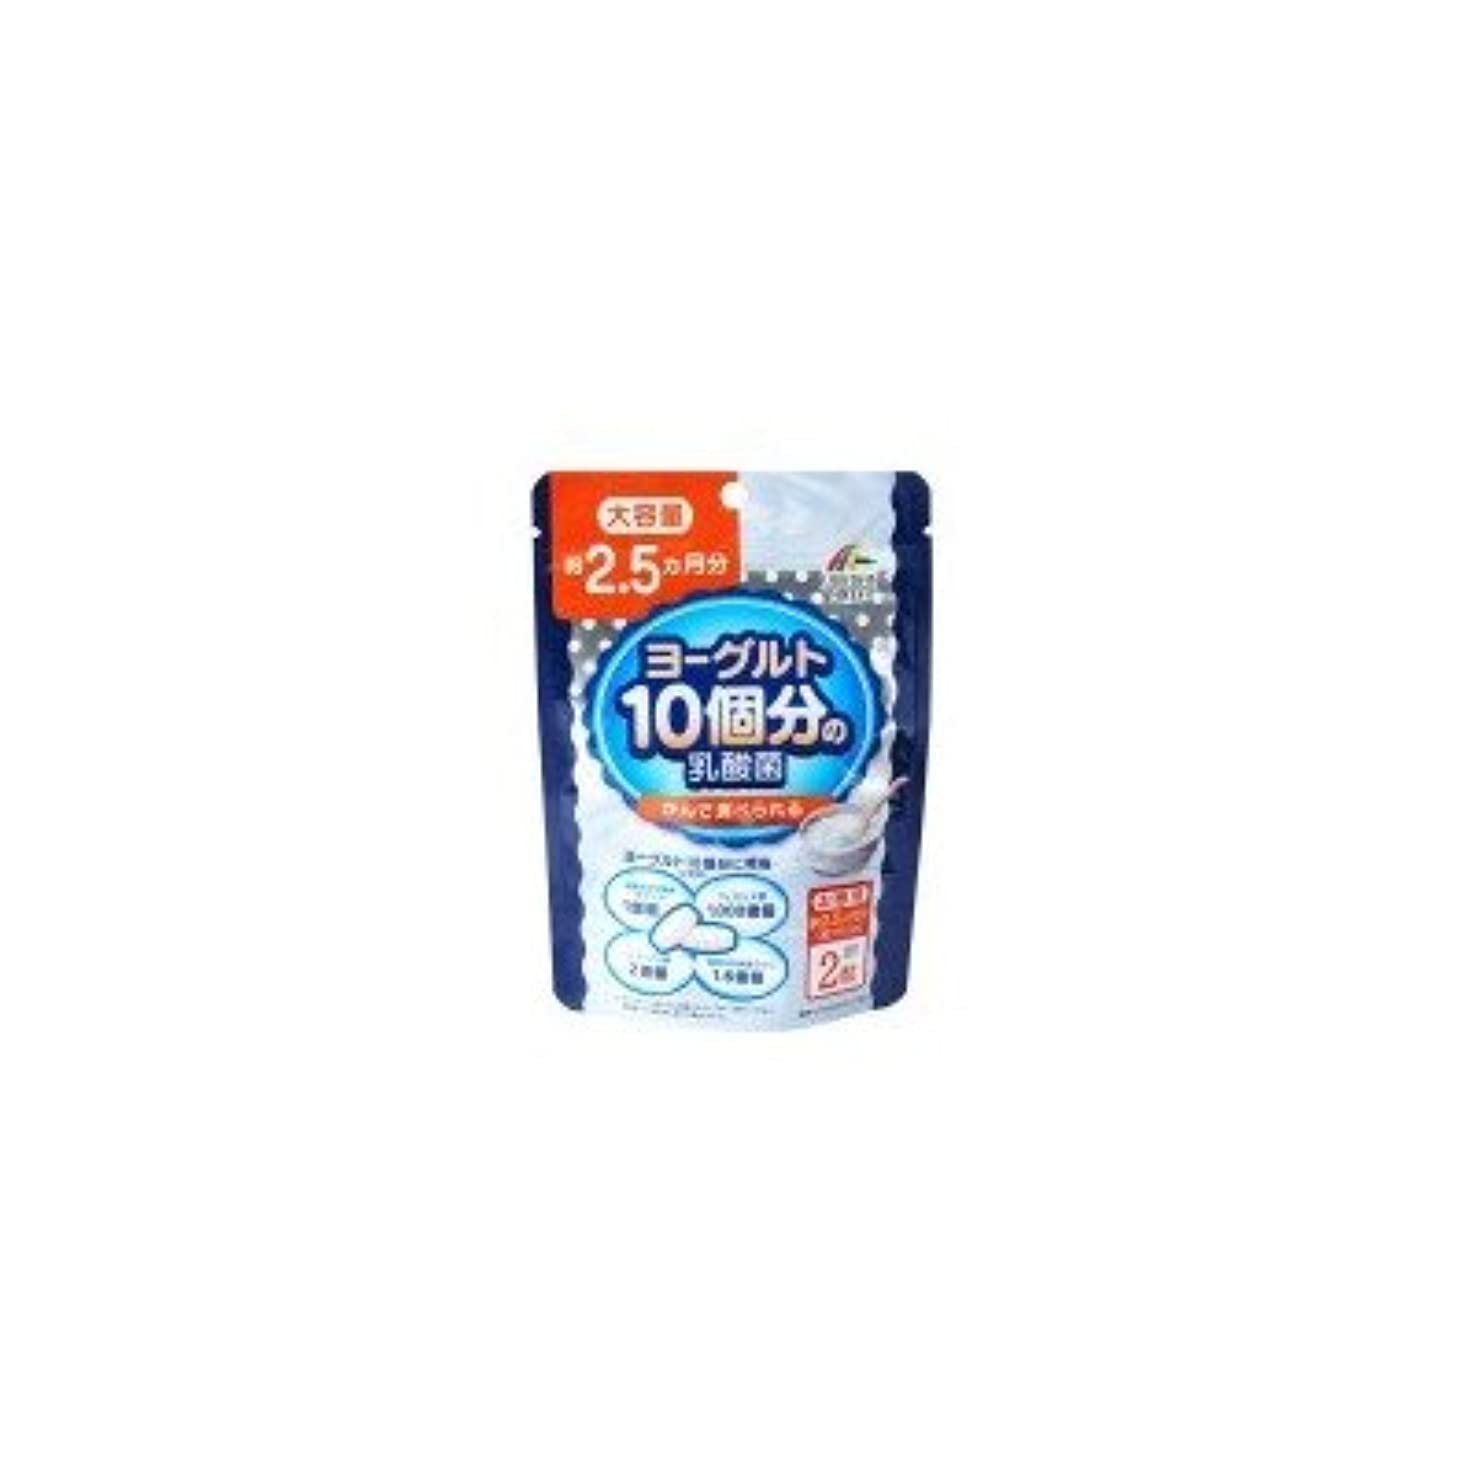 世代クレジット輝度ヨーグルト10個分の乳酸菌 大容量 30.8g(200mg×154粒)